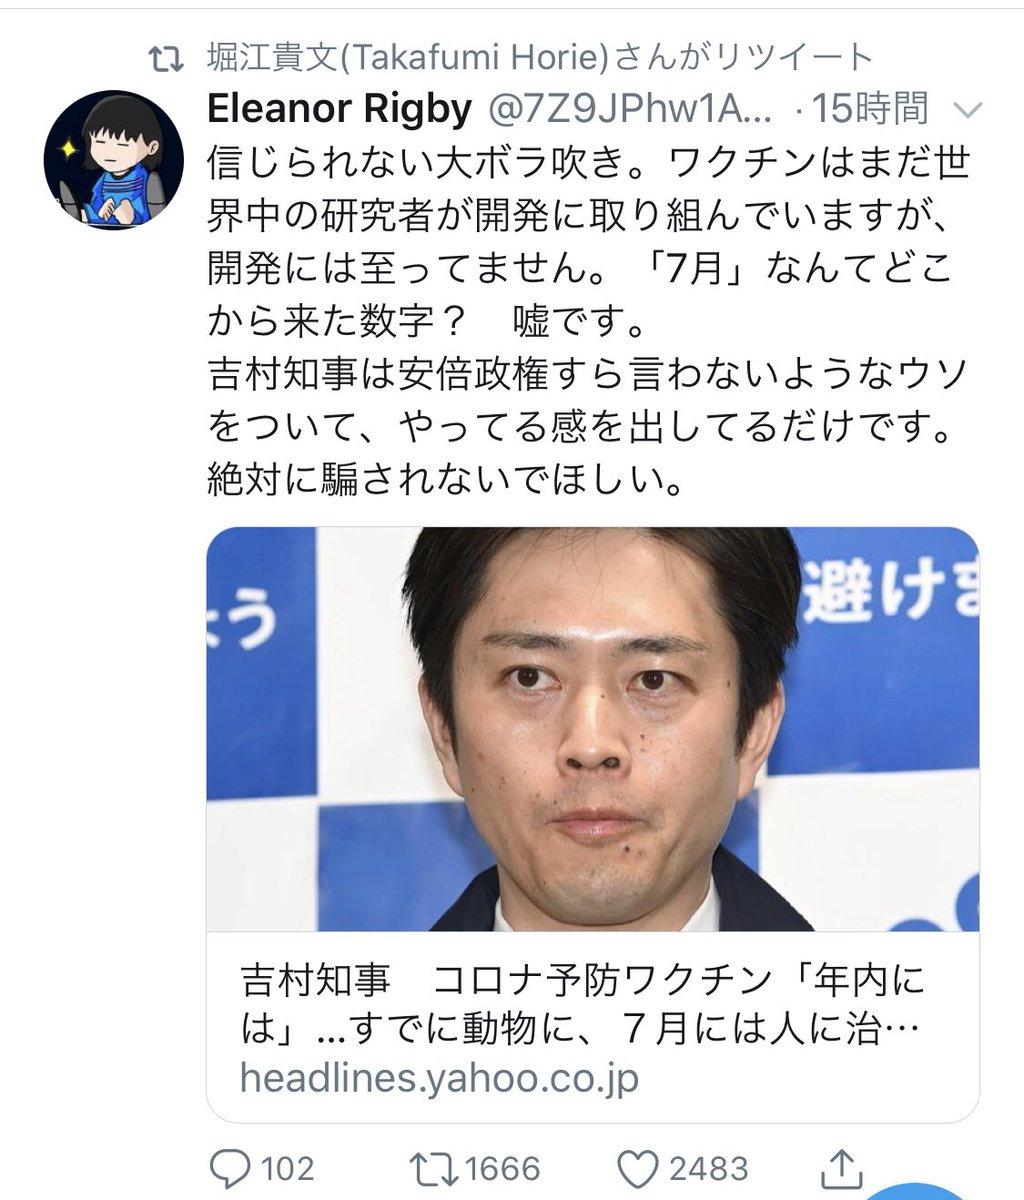 スラップ 訴訟 武富士